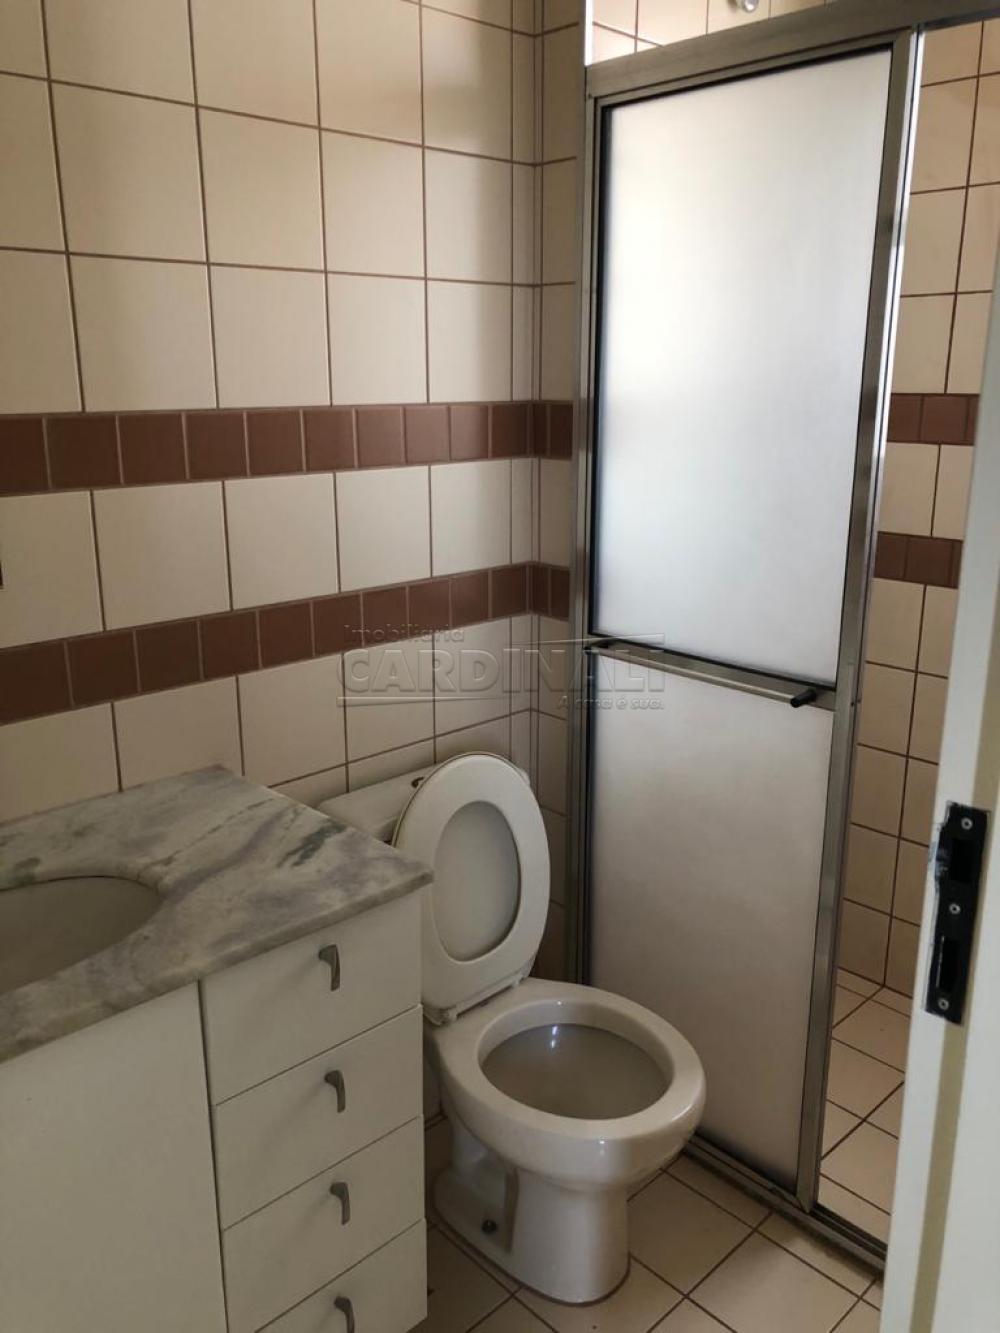 Alugar Apartamento / Padrão em São Carlos R$ 1.334,00 - Foto 16